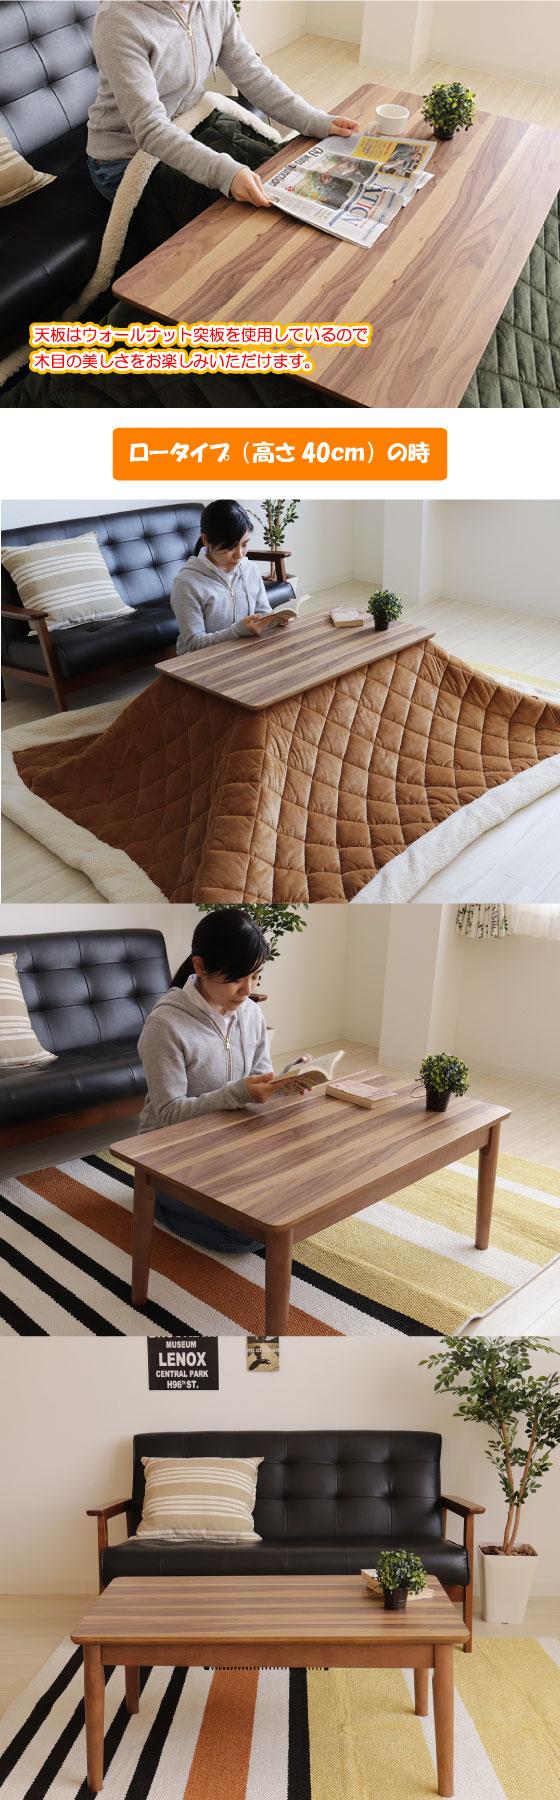 こたつ使用可能!幅90cm天然木ウォールナット製リビングテーブル(長方形)